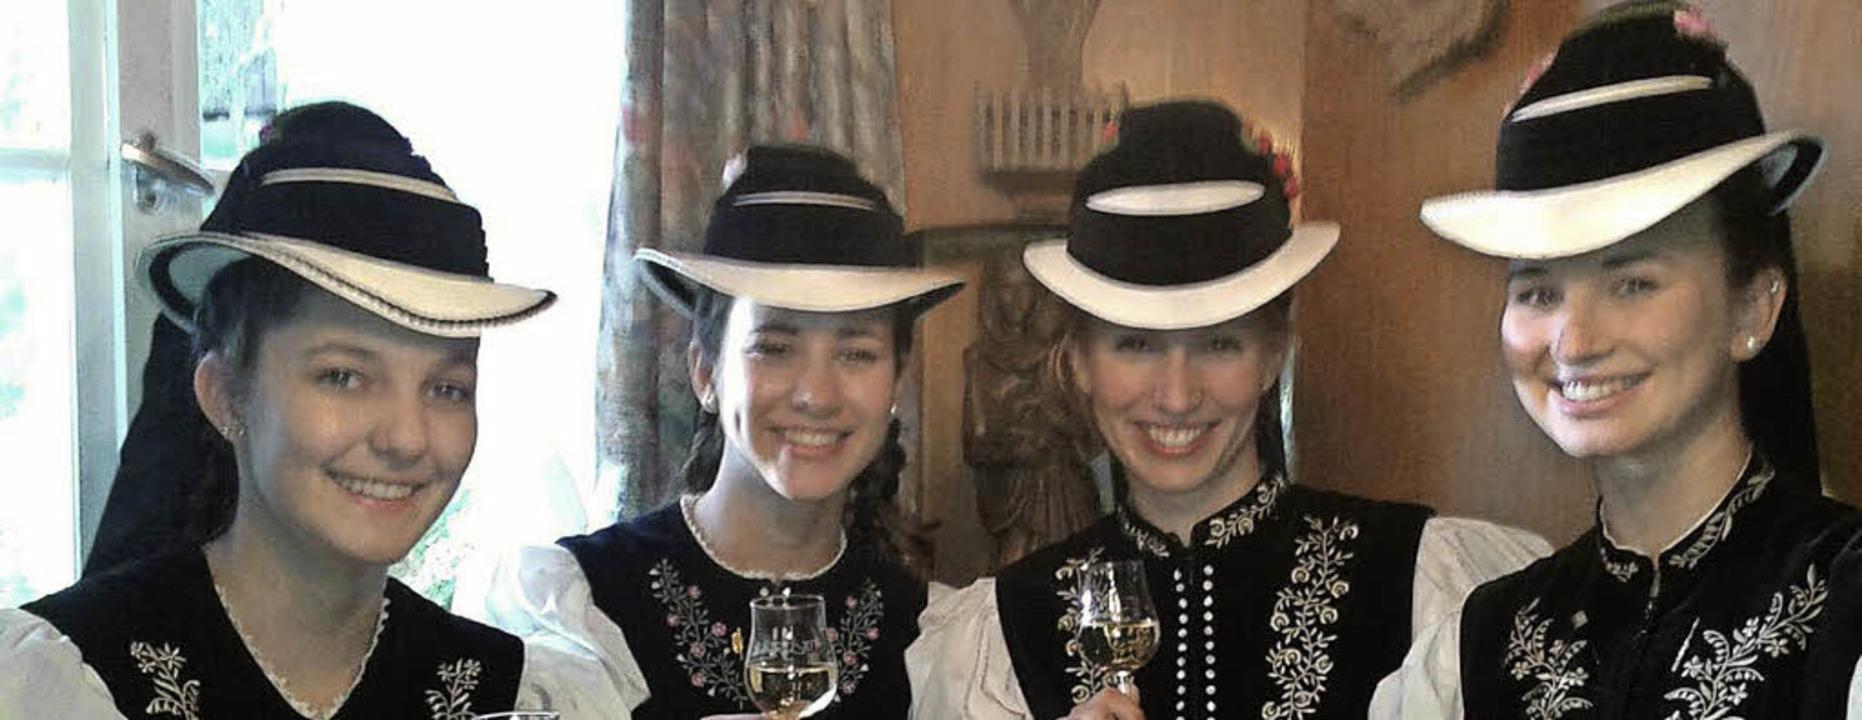 SWR-Film über die Glottertäler Tracht  | Foto: SWR